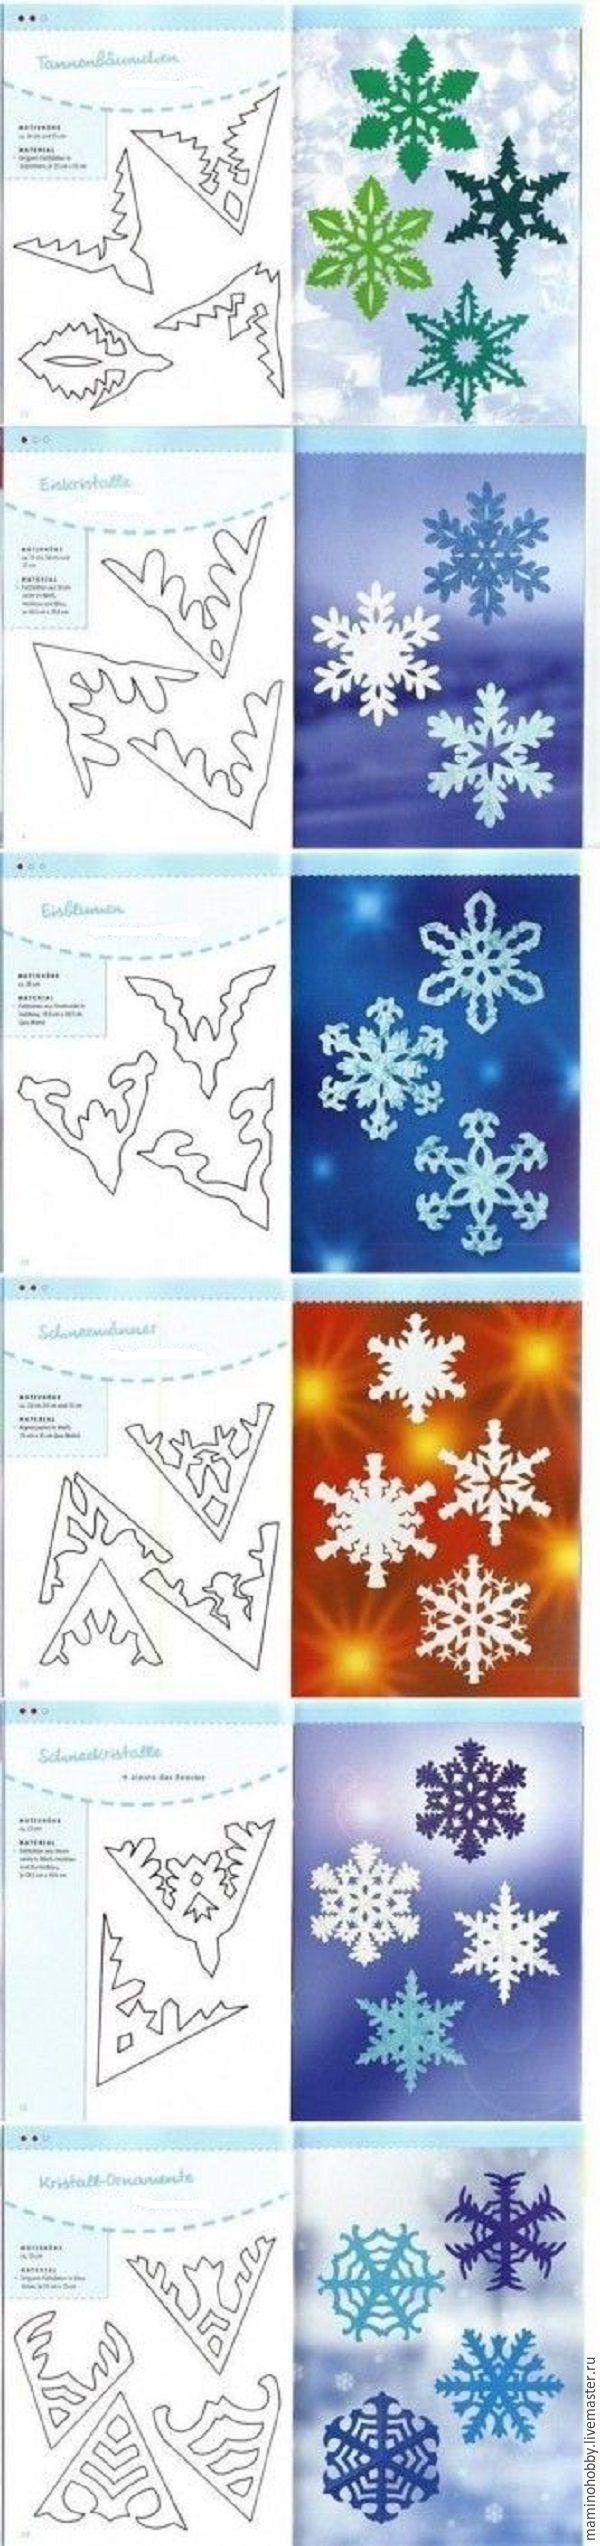 Как вырезать маленькую снежинку из бумаги своими руками поэтапно